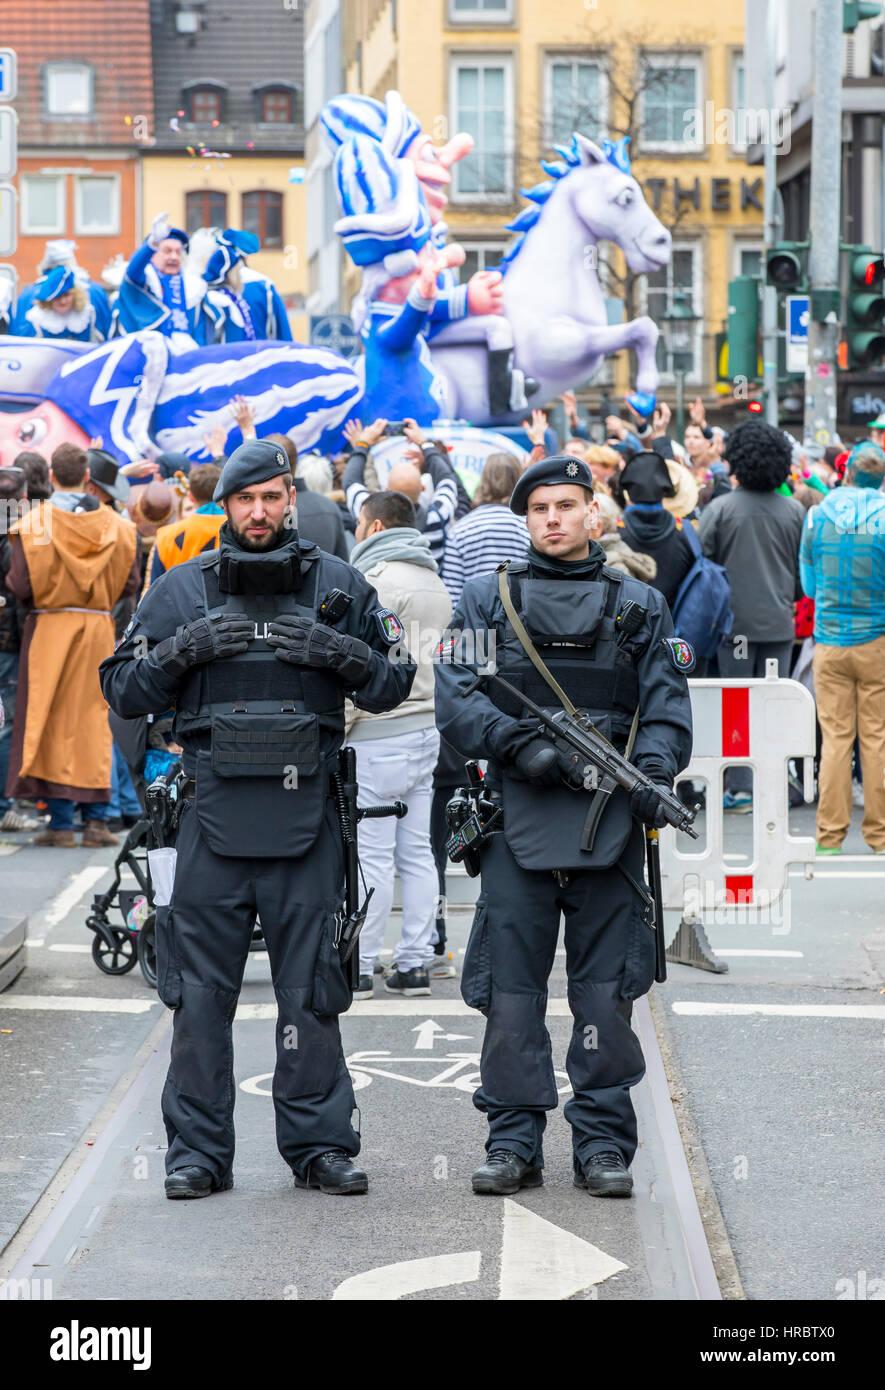 Il tedesco sfilata di carnevale a Düsseldorf, ufficiali di polizia e fissare la parata, bloccando le strade Immagini Stock